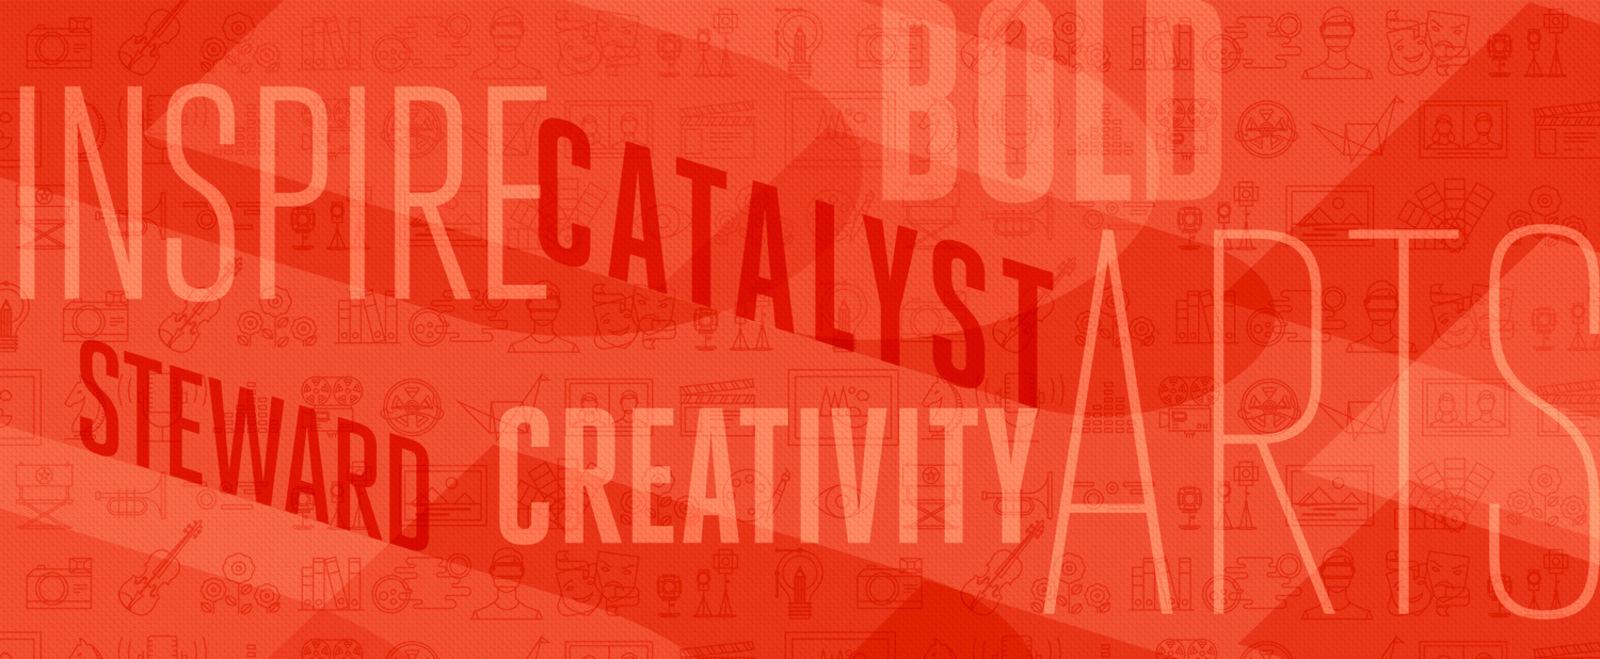 Arts & Creativity